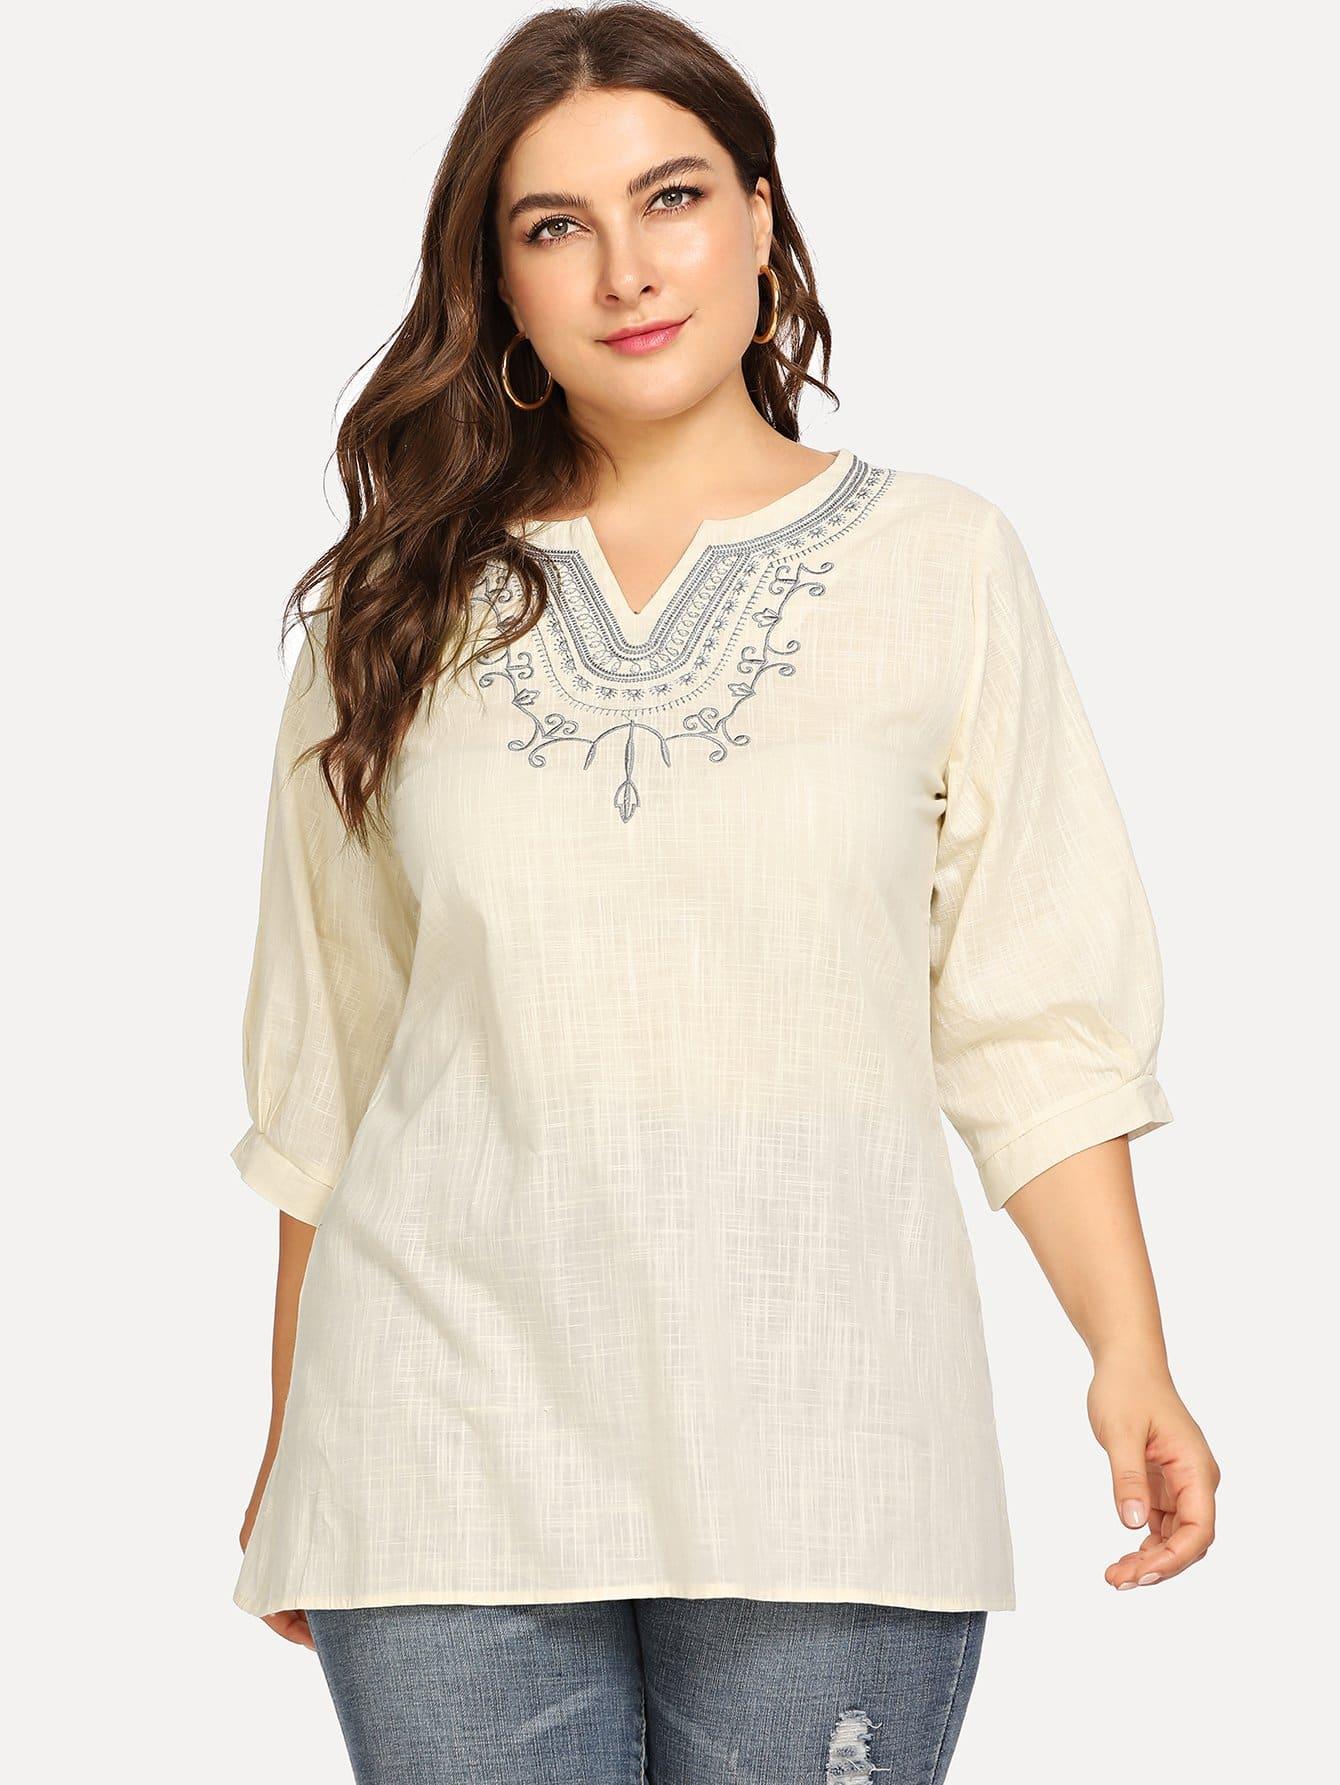 Купить Большая длинная блузка и с рисунками вышивки, Franziska, SheIn